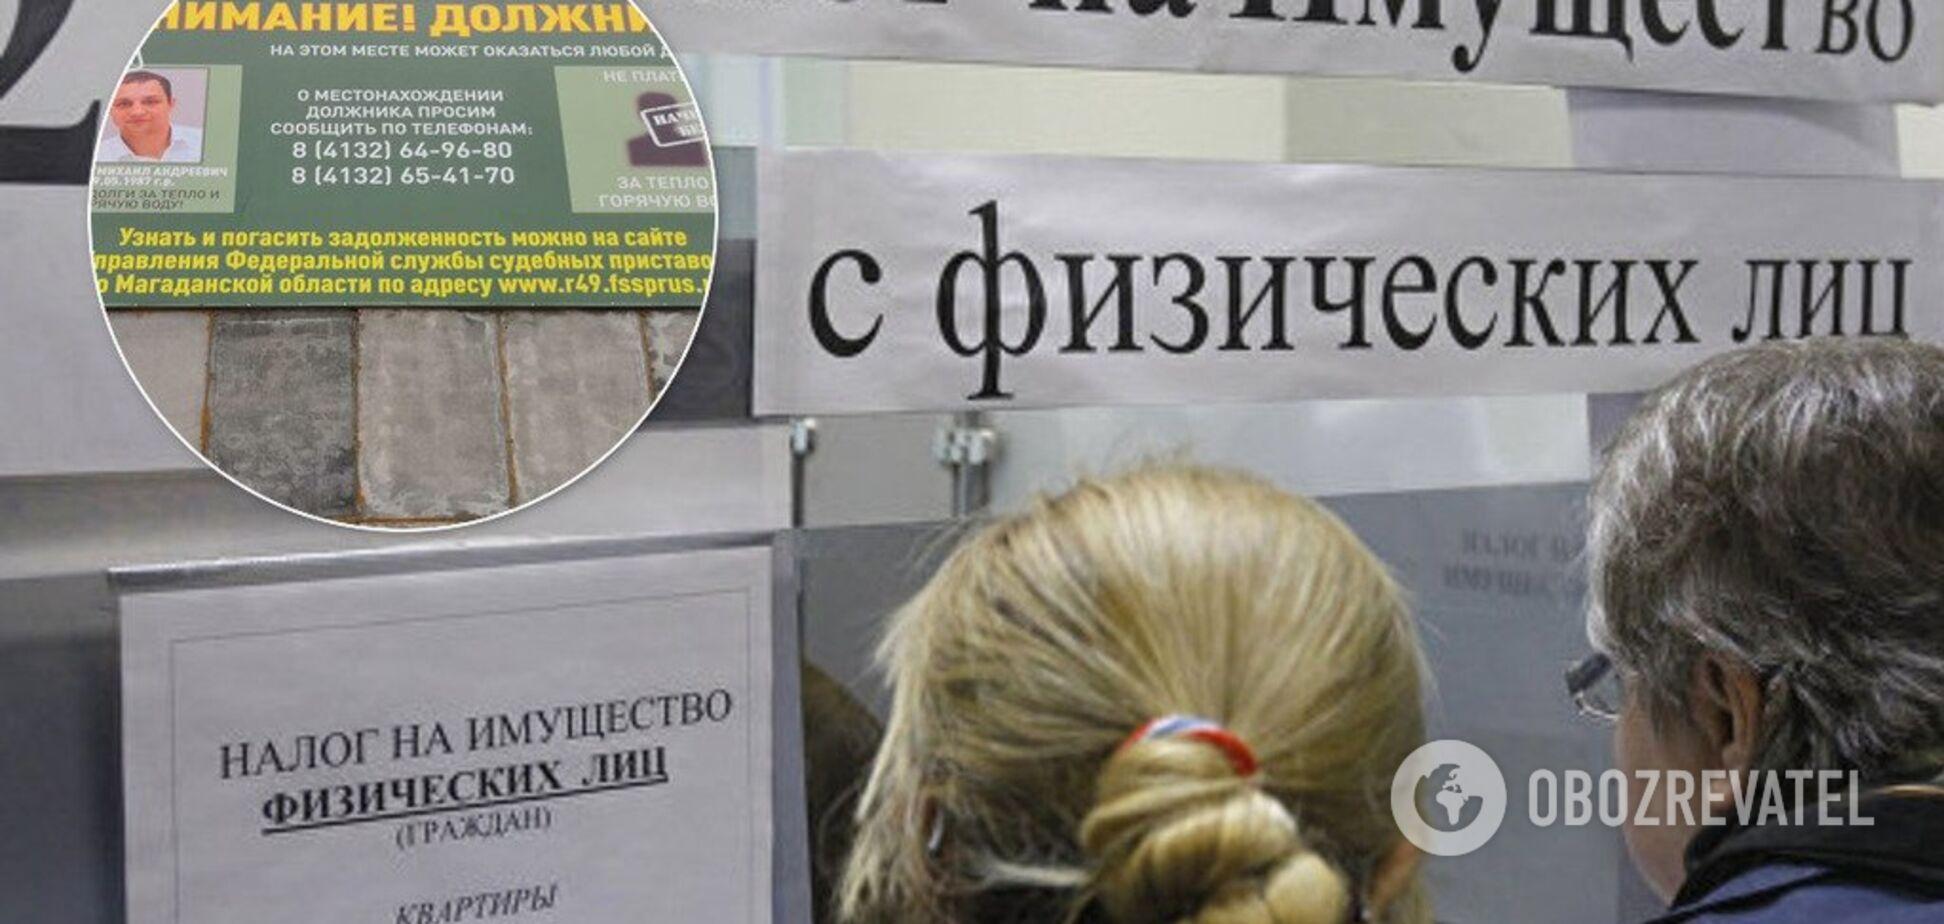 'Передадим фамилии в СМИ': Россия устроила очередную подлость крымчанам